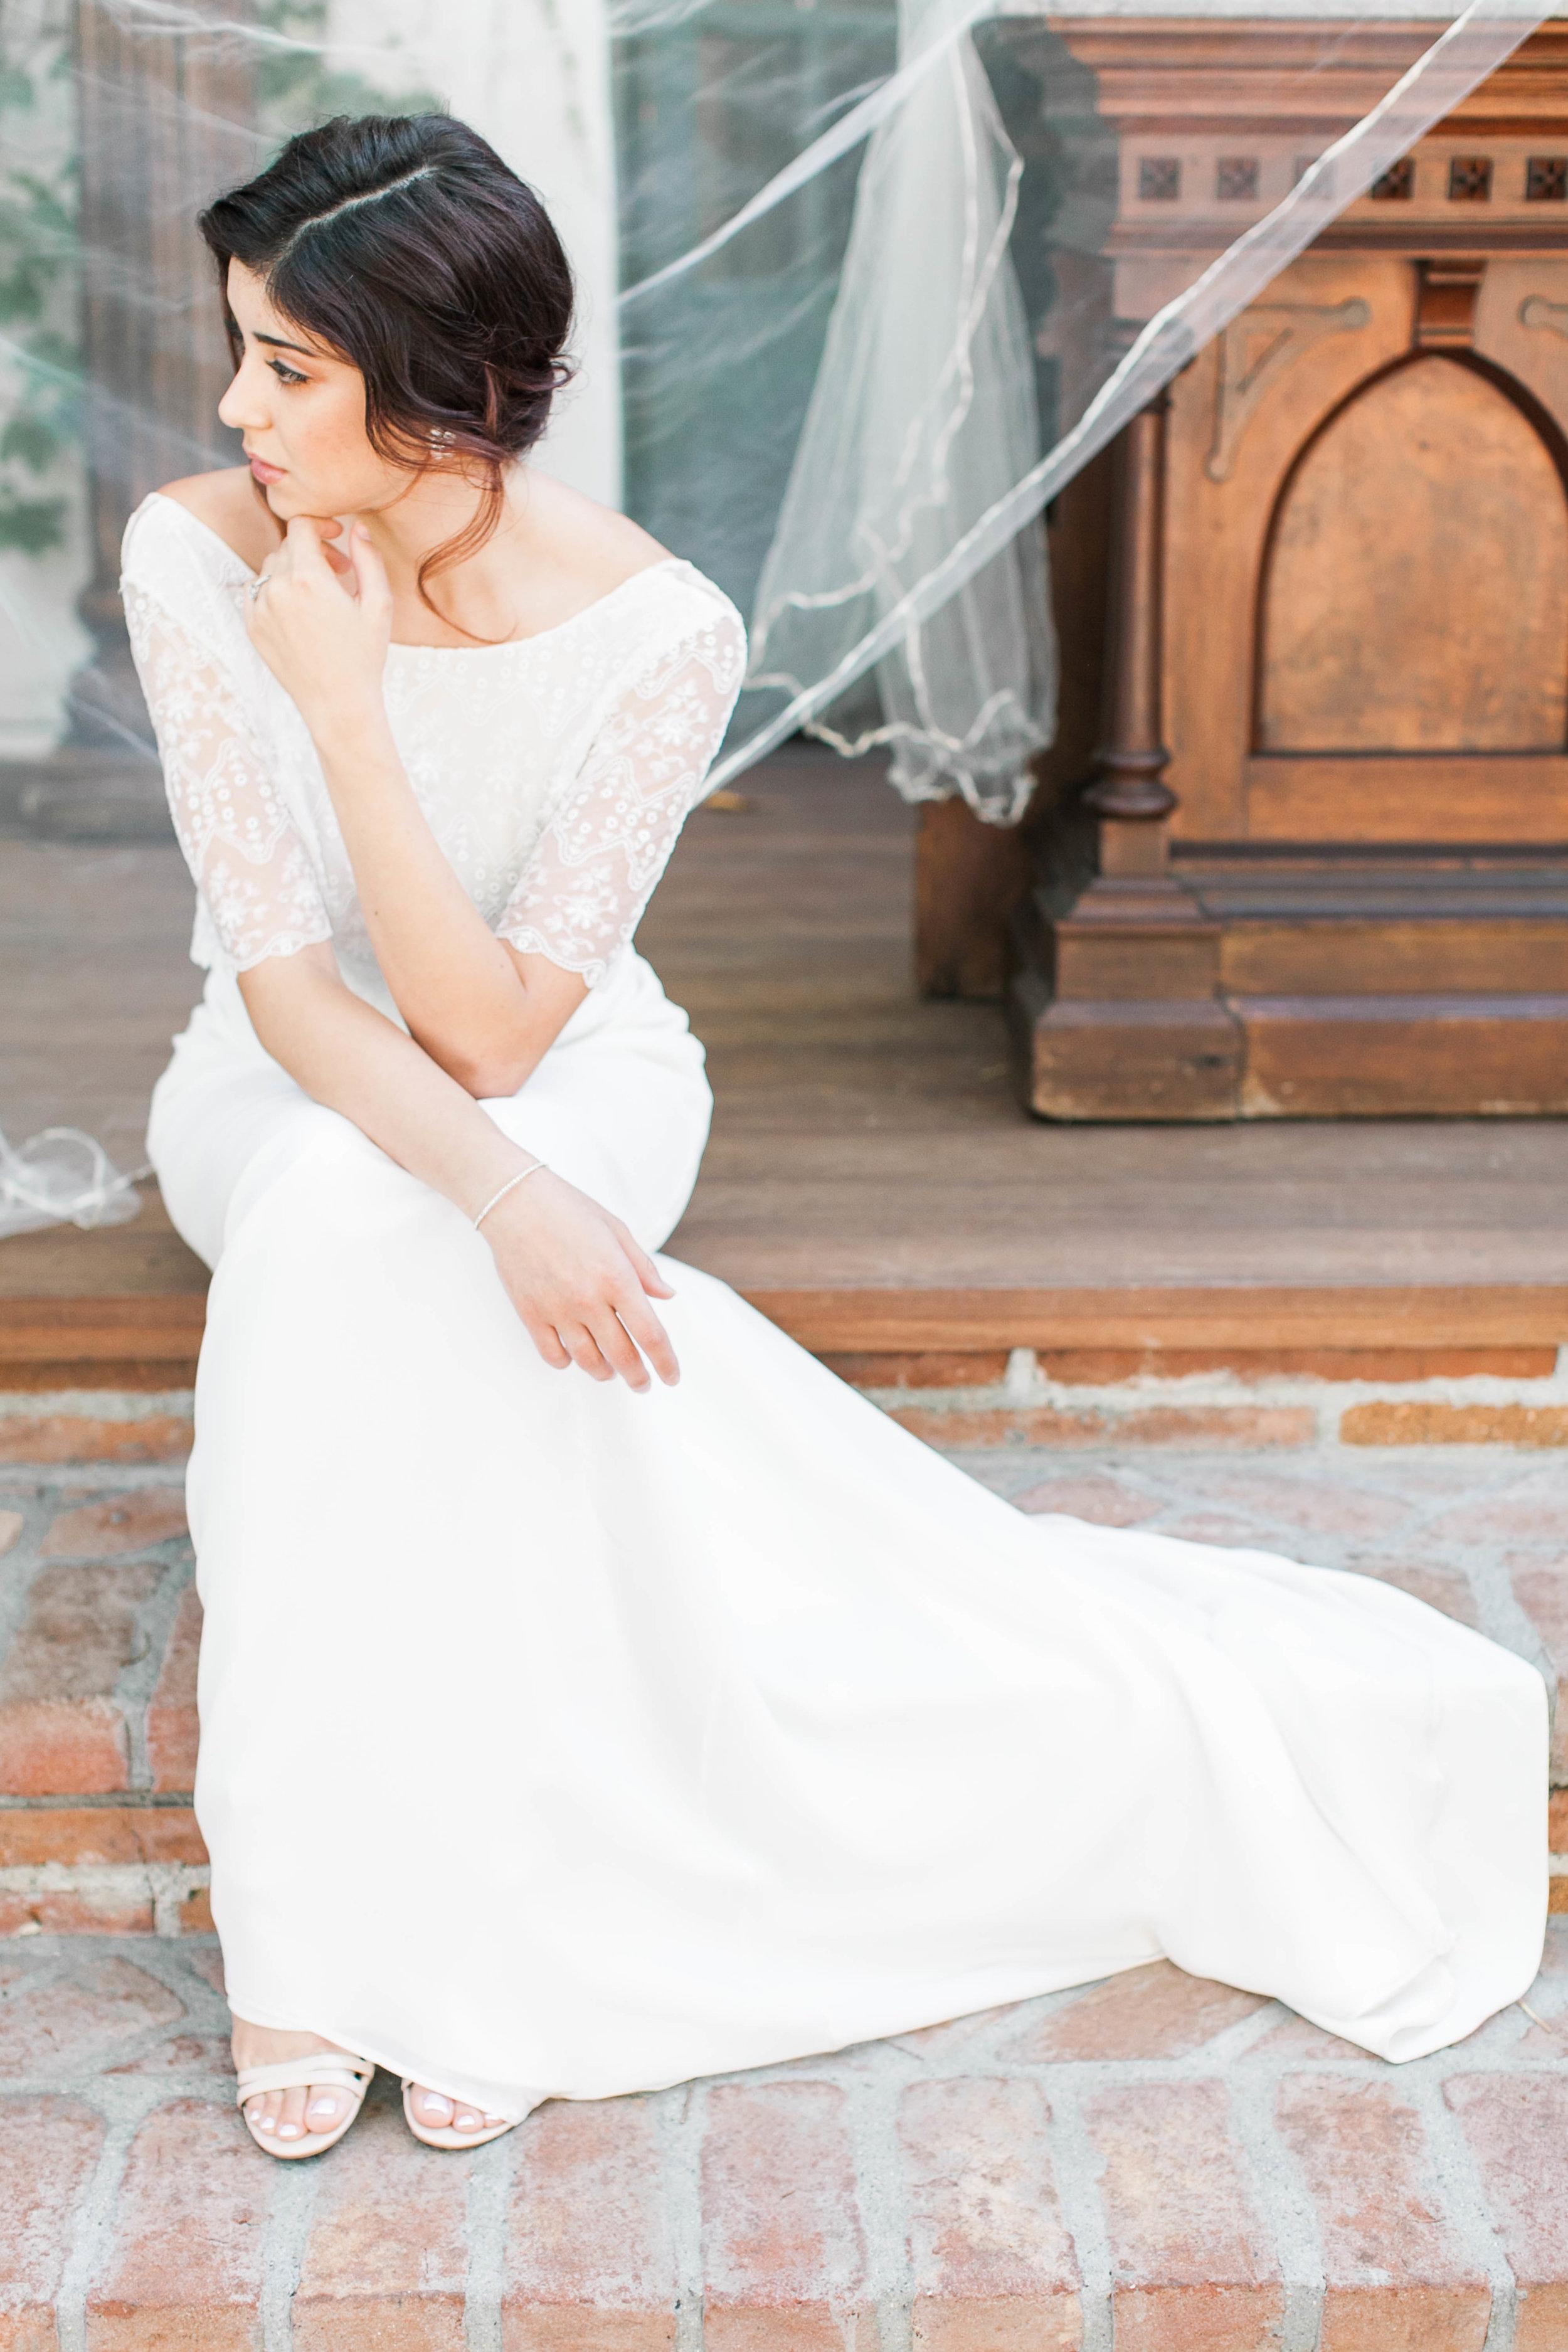 Gown: Donatelle Godart via http://www.solsticebride.com/